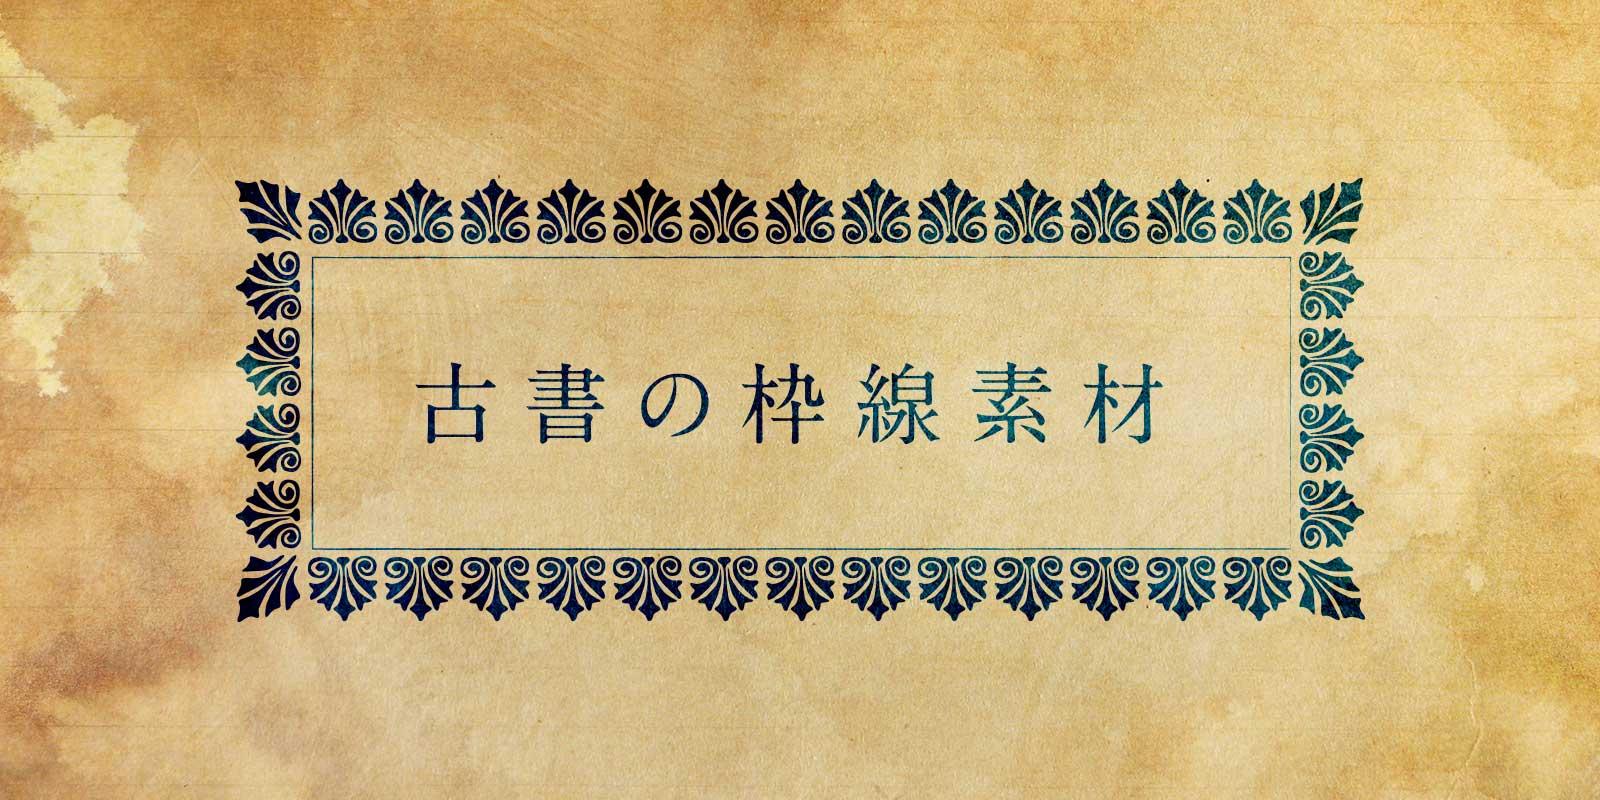 [フリー素材] 古書の枠線ブラシ素材